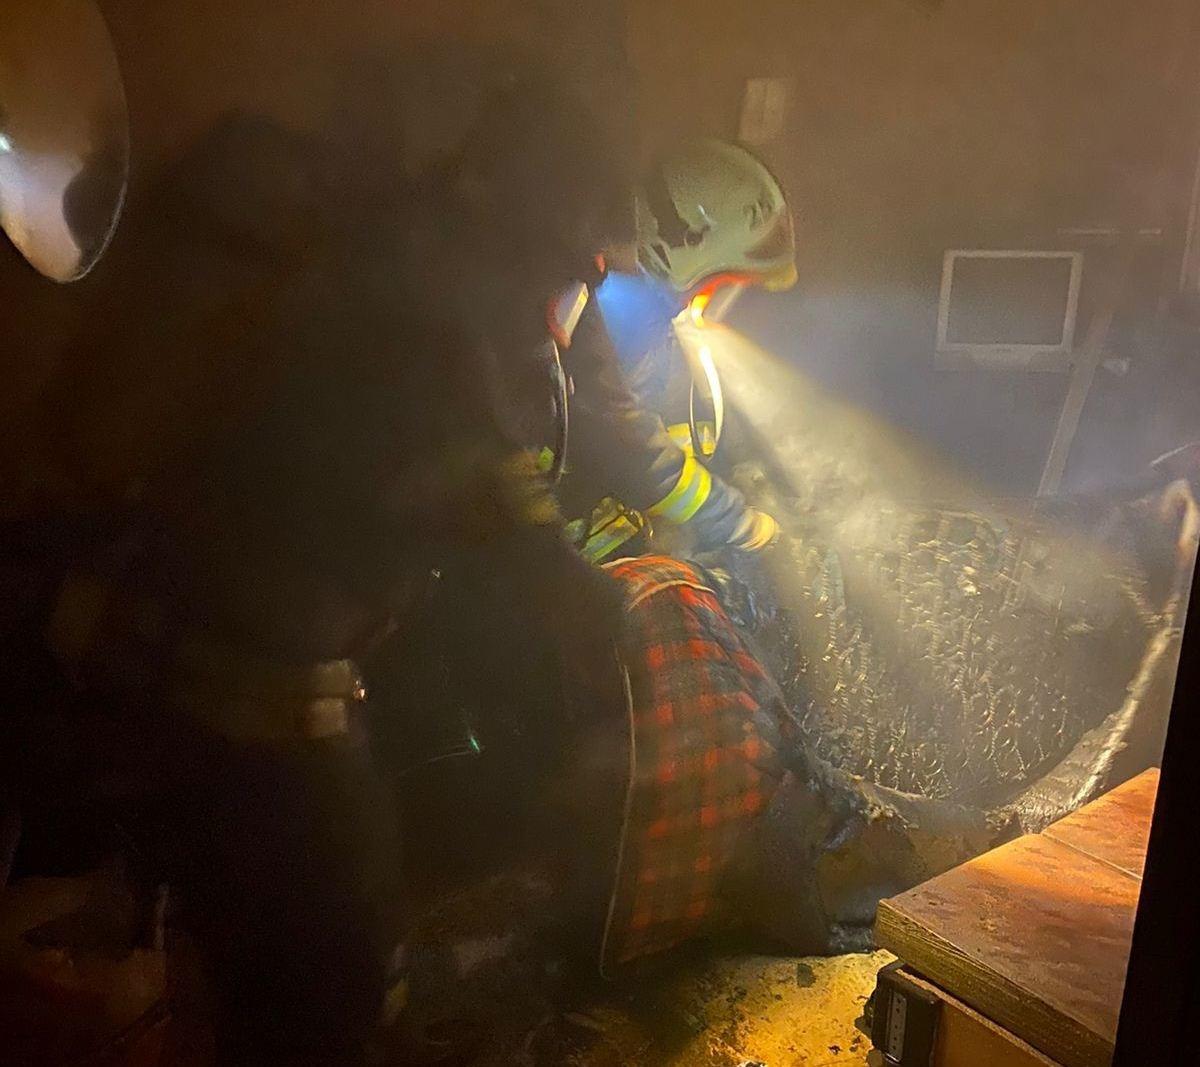 В Новомосковске загорелся многоквартирный дом: пострадал мужчина